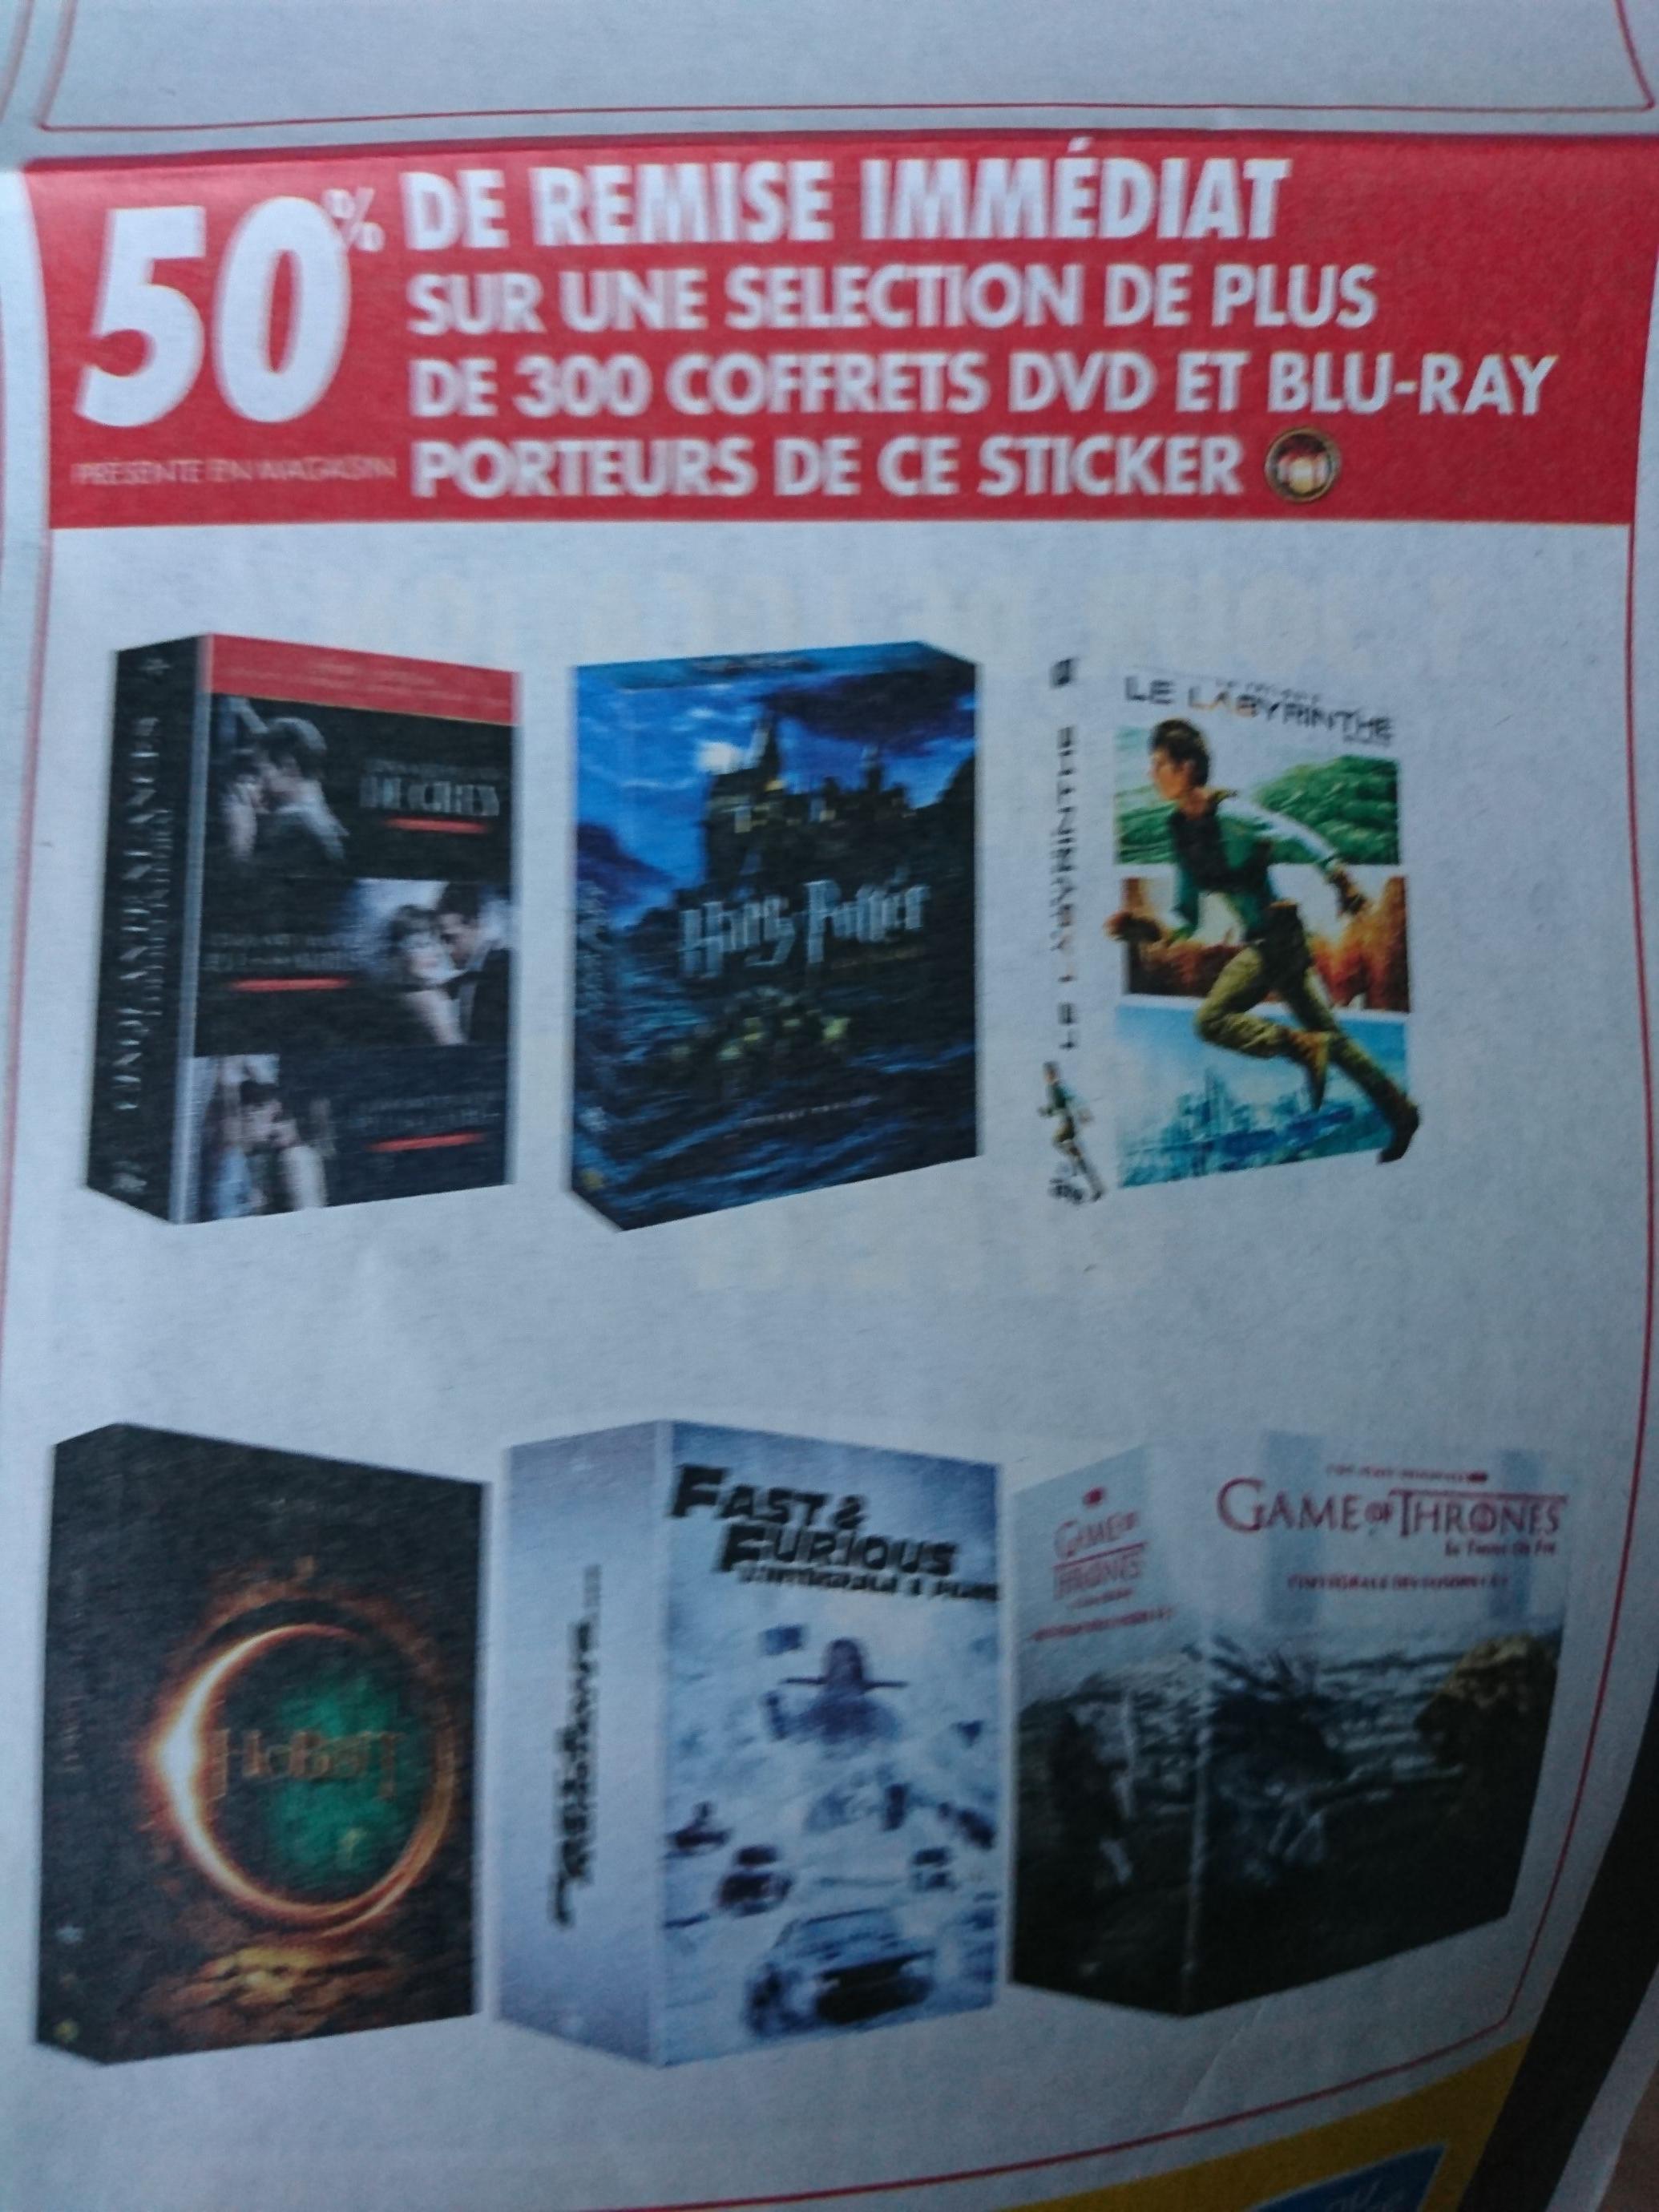 50% de réduction sur une sélection de Coffrets DVD et blu-ray signalés